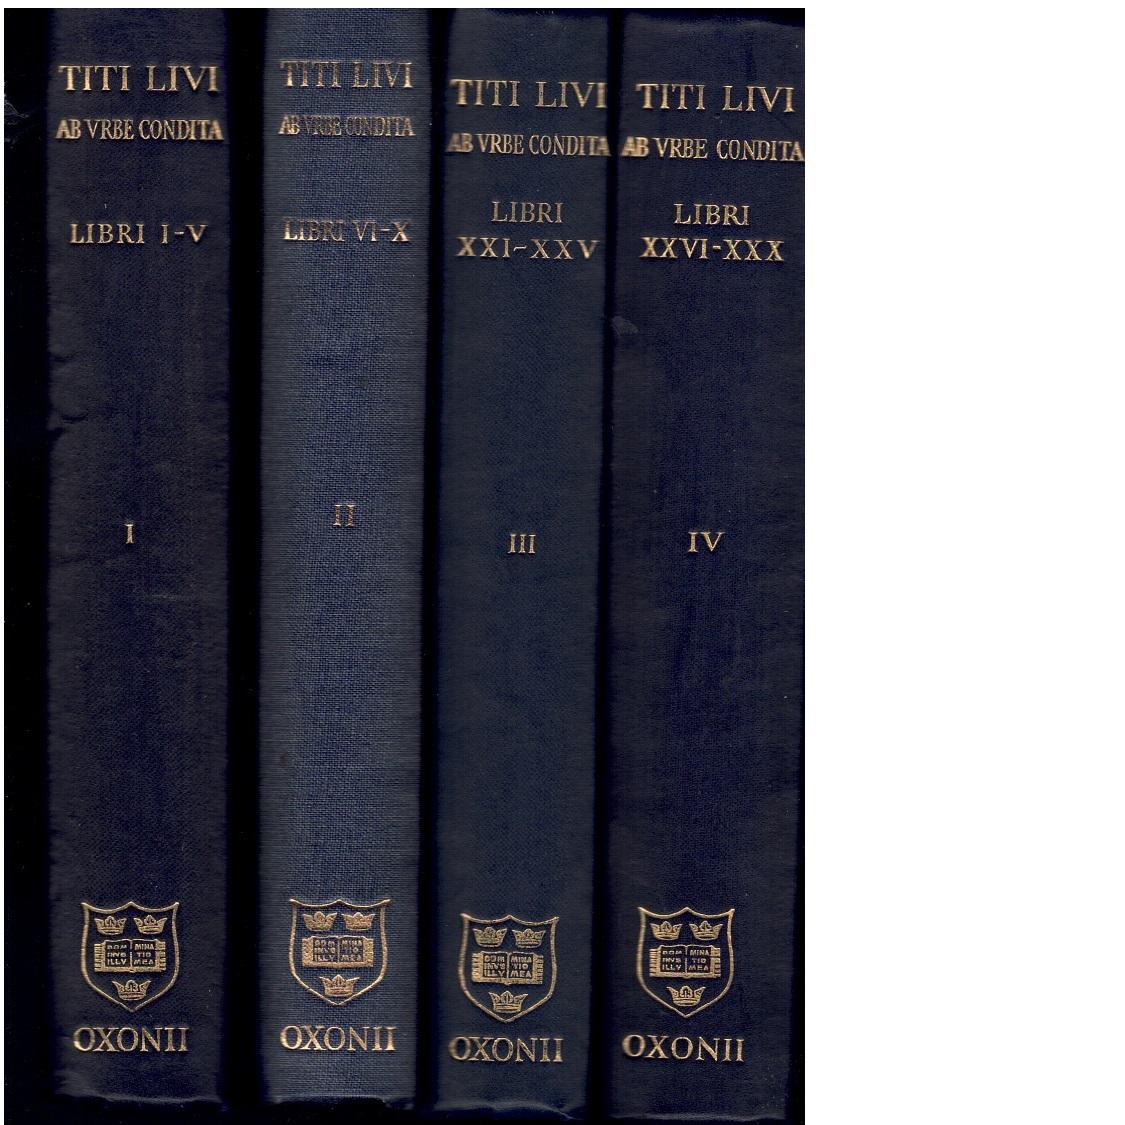 Ab vrbe condita - Livius, Titus (Livi, Titi)